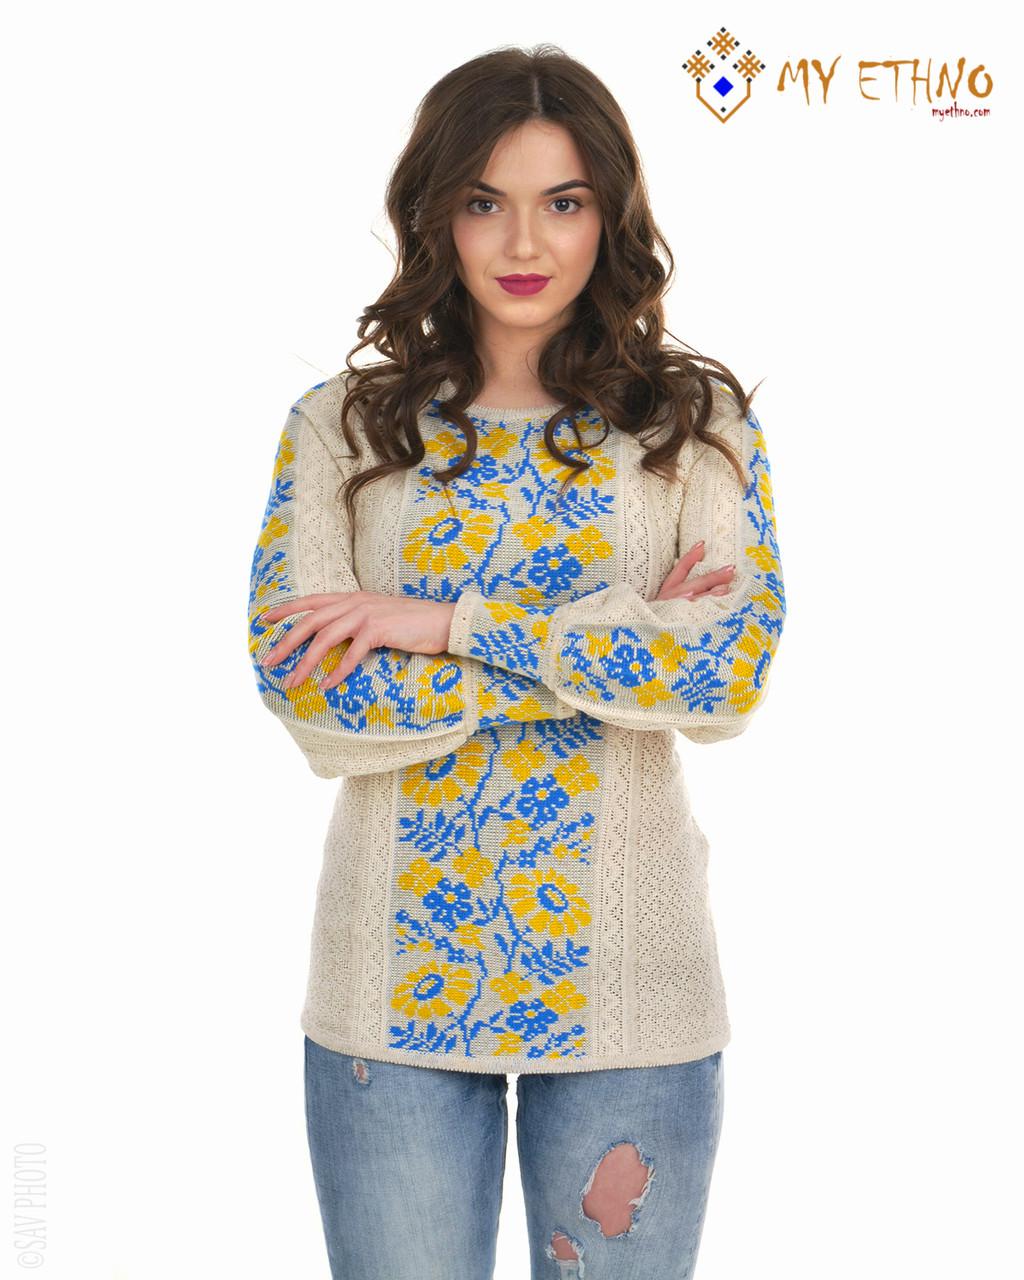 Женская рубашка вязаная Ромашка желто-голубая, фото 1